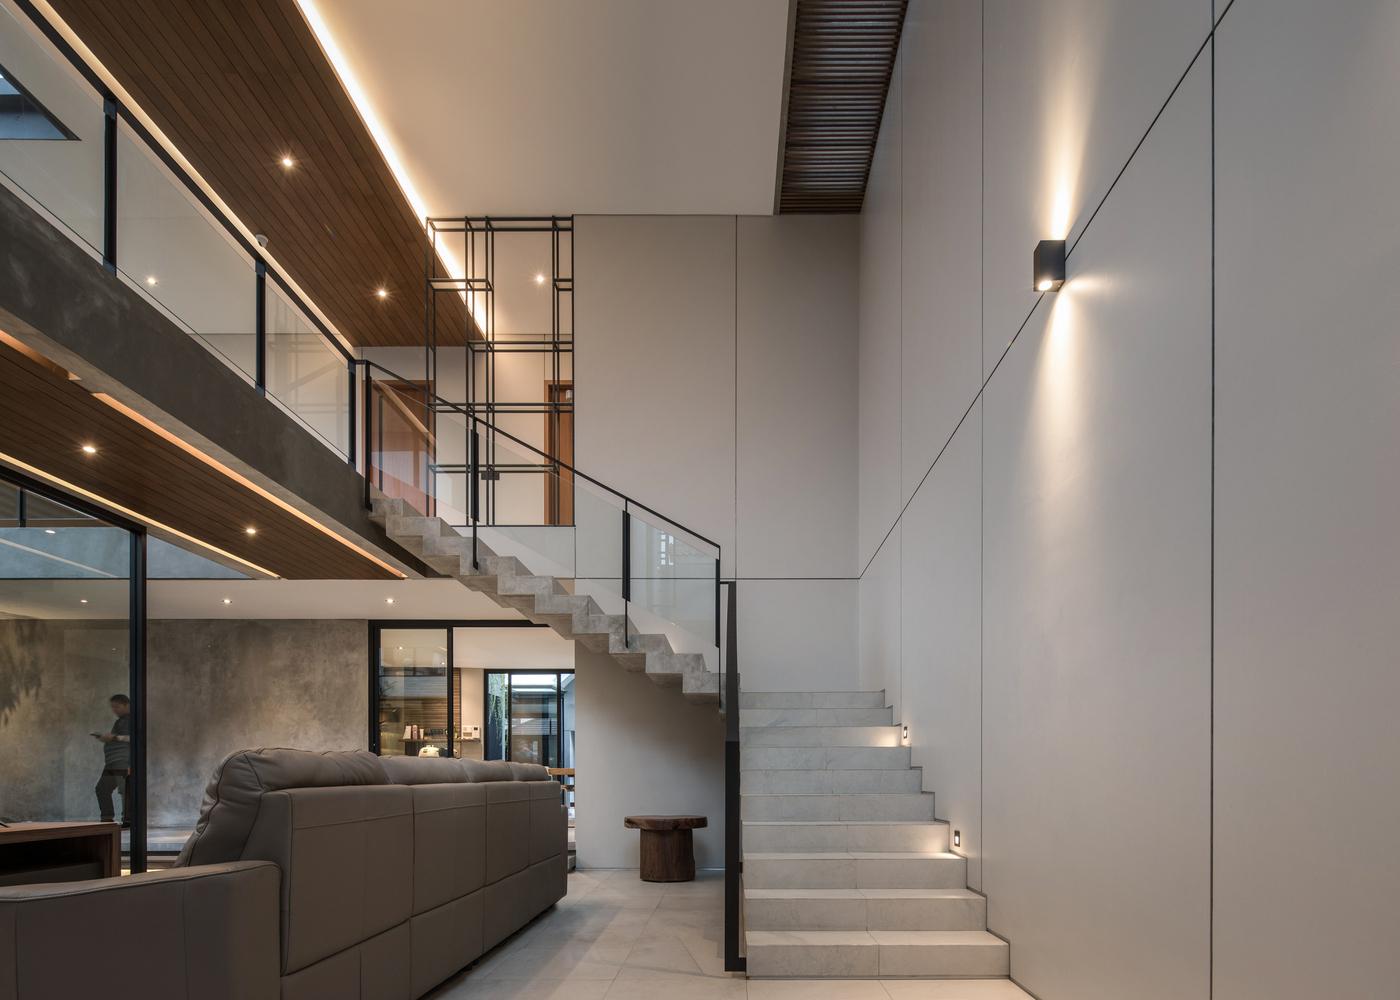 Sentuhan kayu pada plafon yang memberi kesan hangat, karya RuangRona // archdaily.com